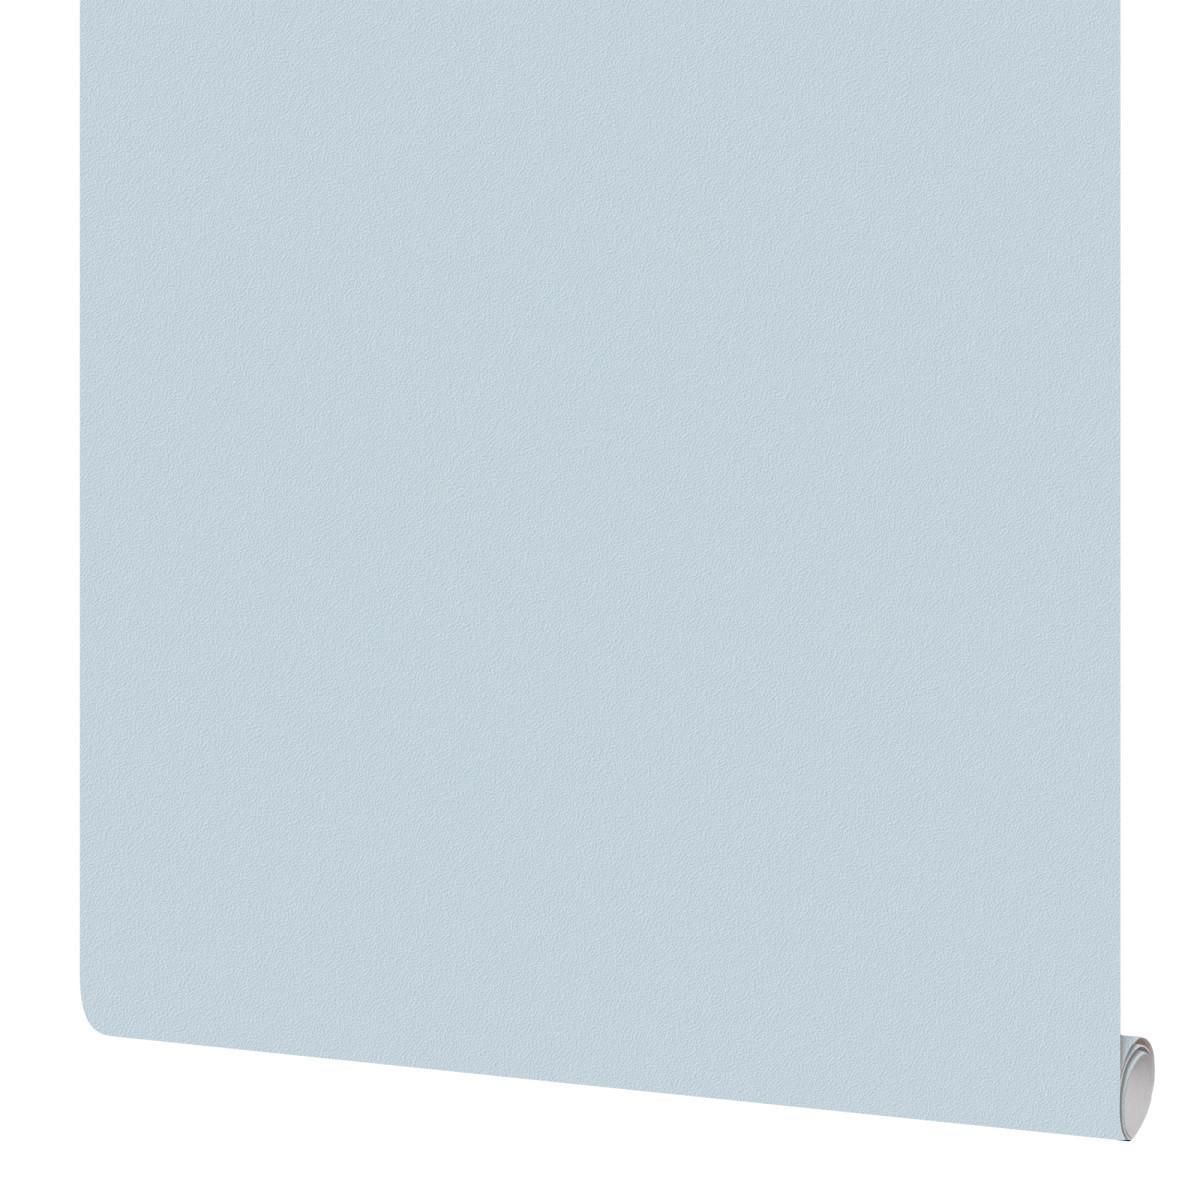 Обои флизелиновые Аспект Спейс серые 1.06 м 70268-65